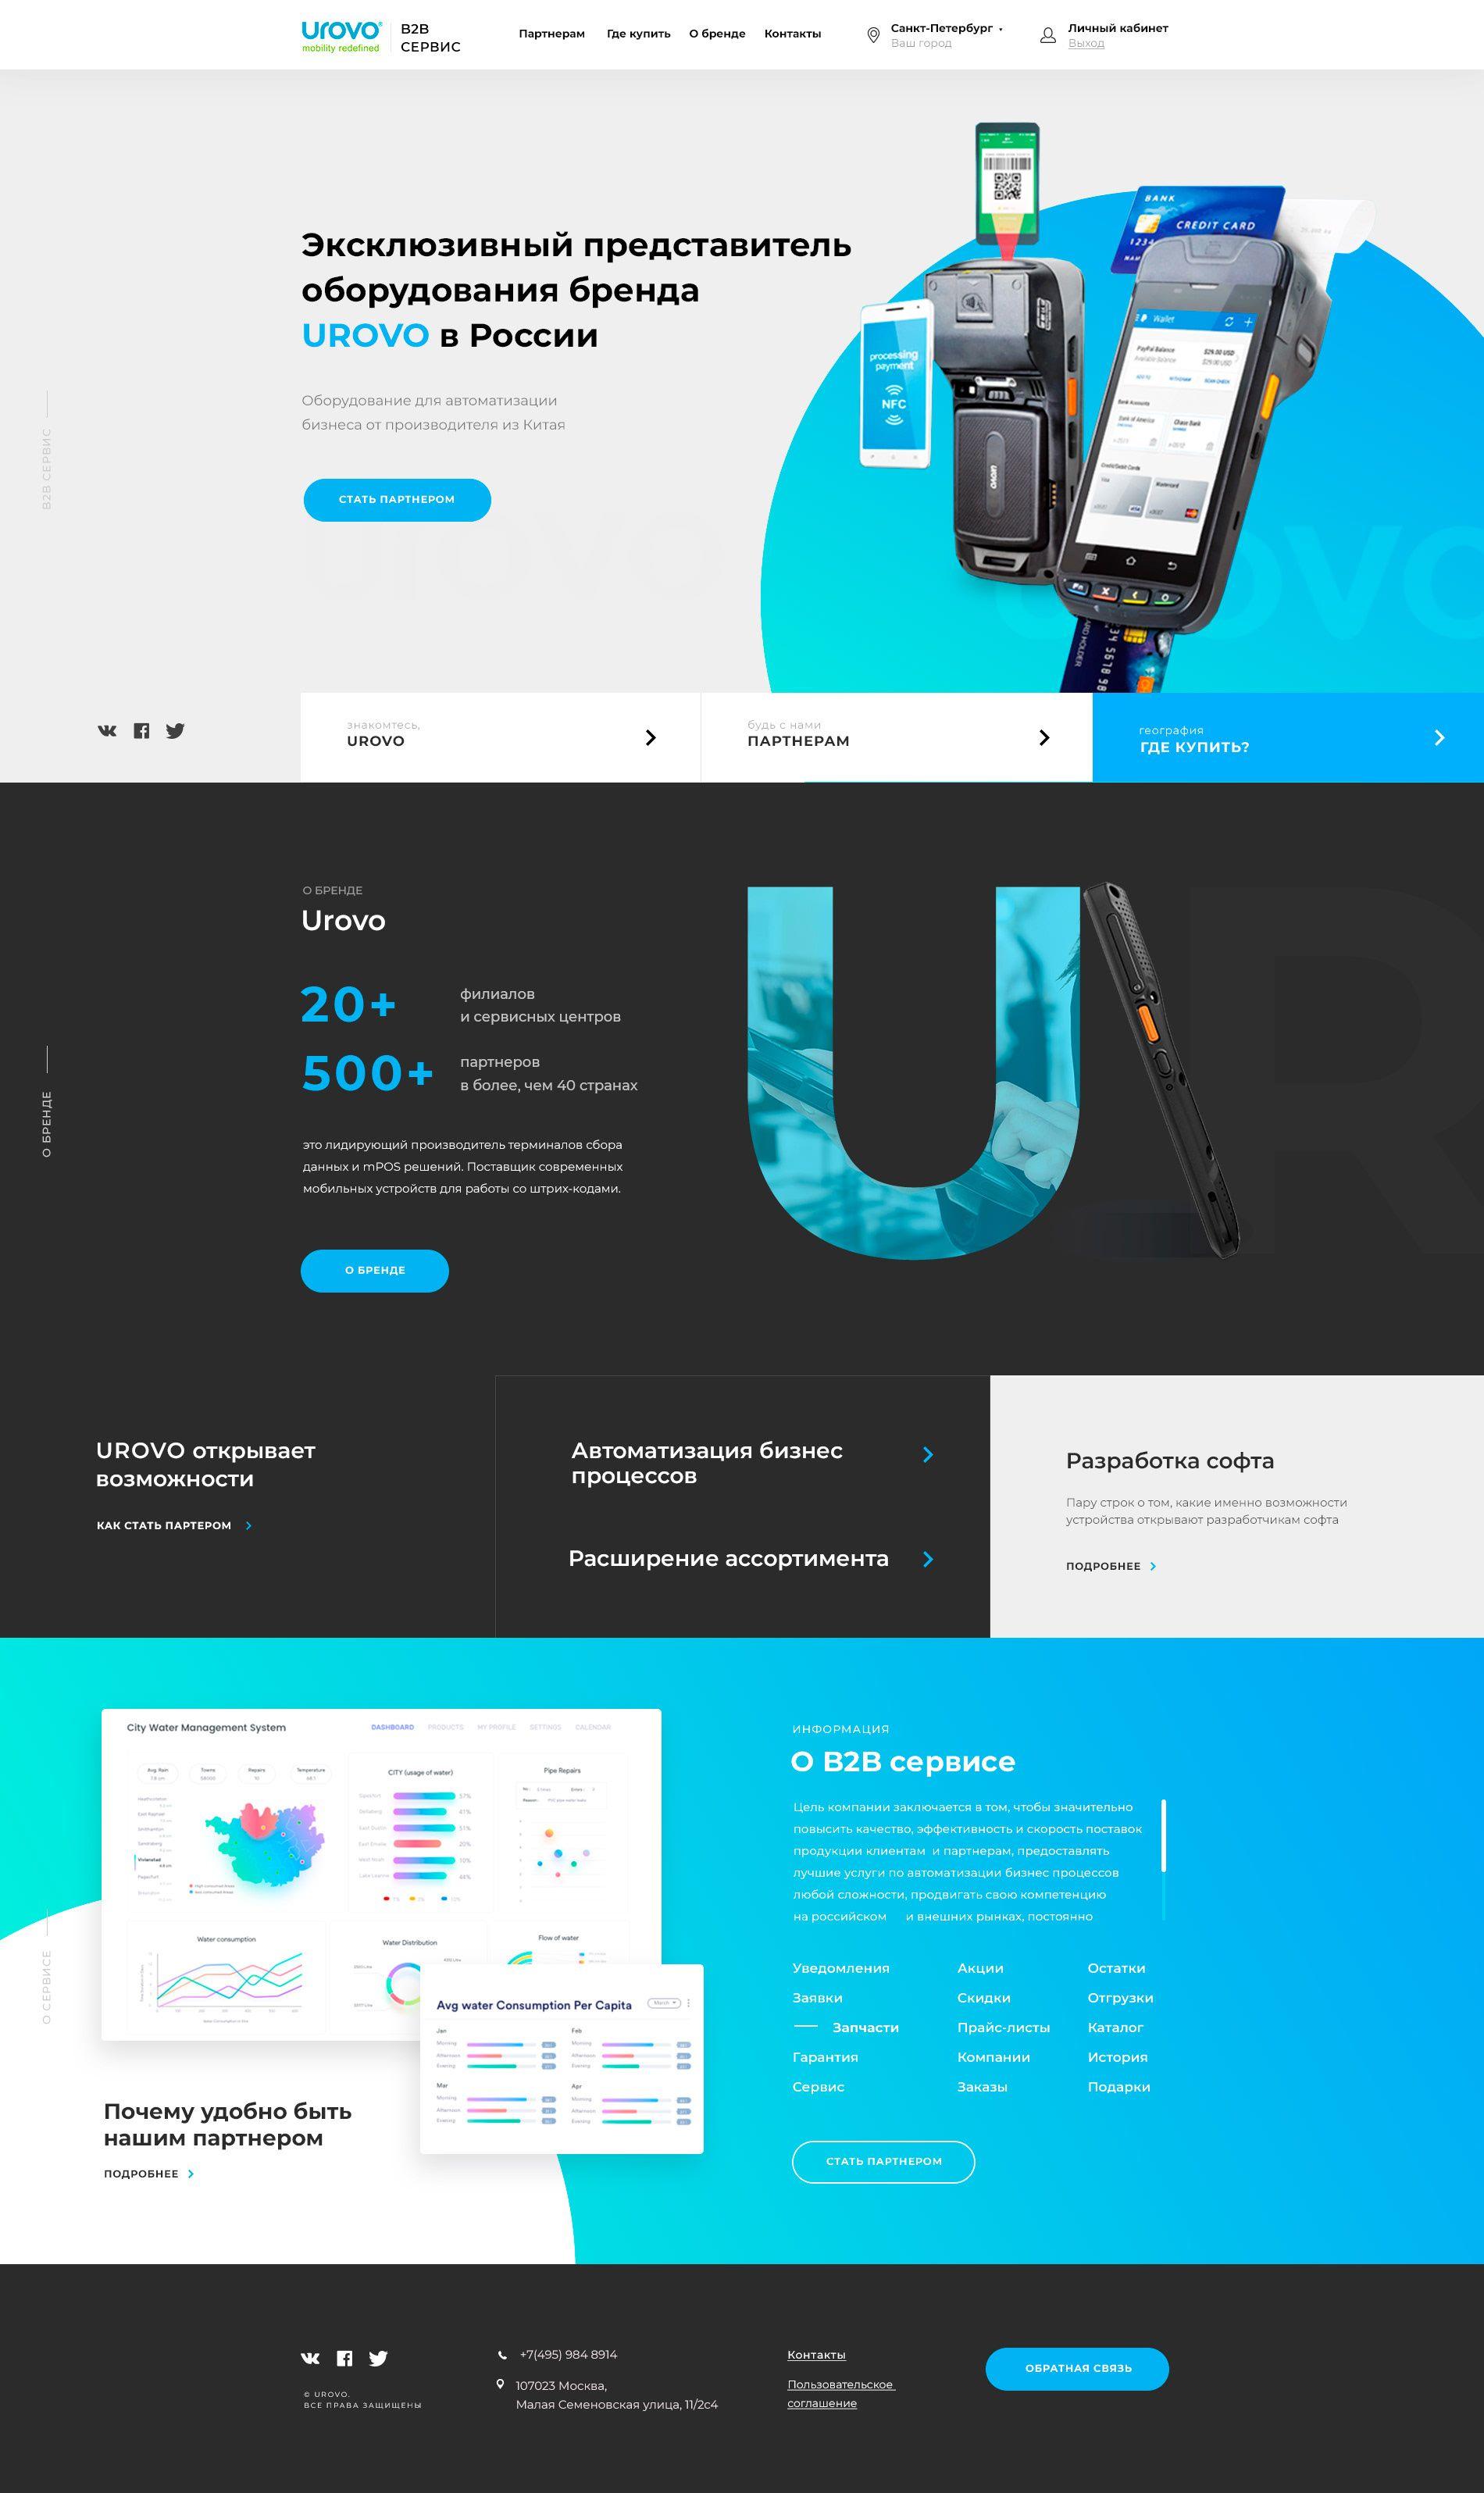 B2b On Behance Dizajn Veb Sajtov Veb Dizajn Dizajn